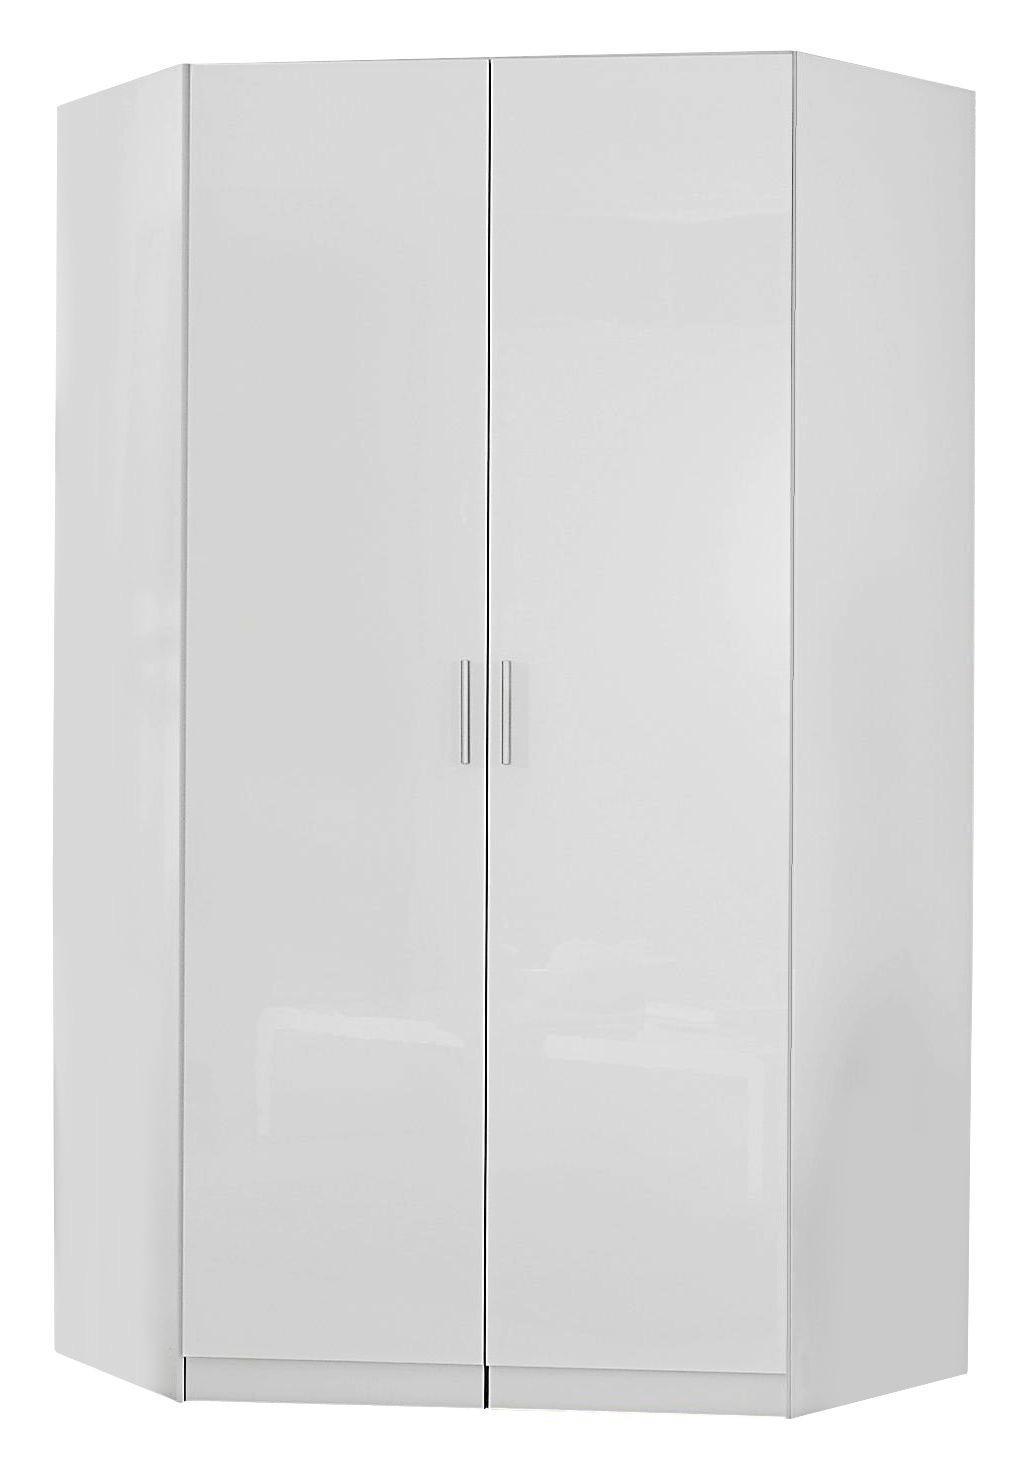 Eckkleiderschrank weiß hochglanz  Der XXXLutz-Eckkleiderschrank für XXXL-Stauraum | XXXLutz